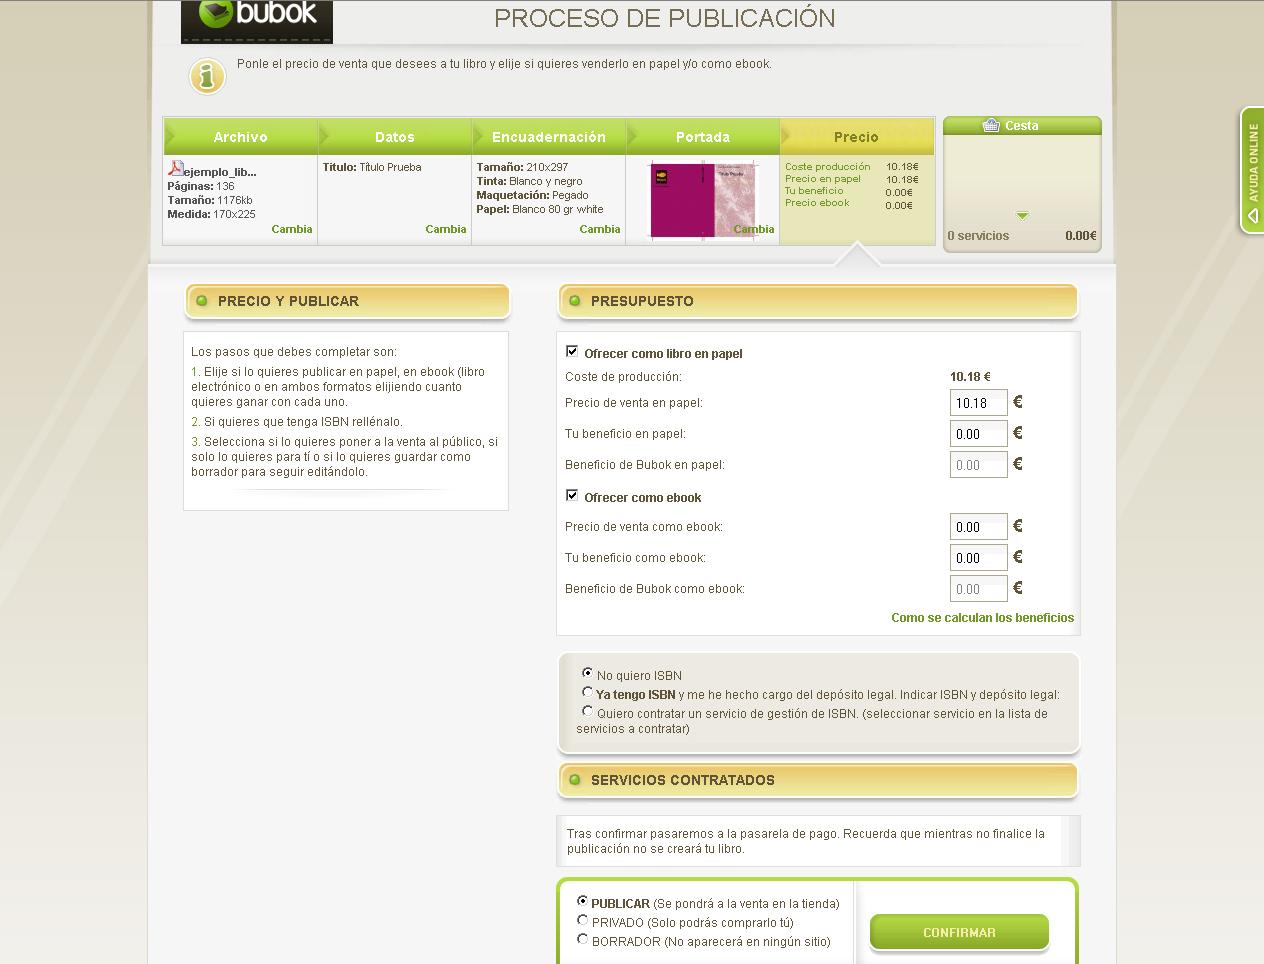 http://www.bubok.es/img/publicar05.jpg